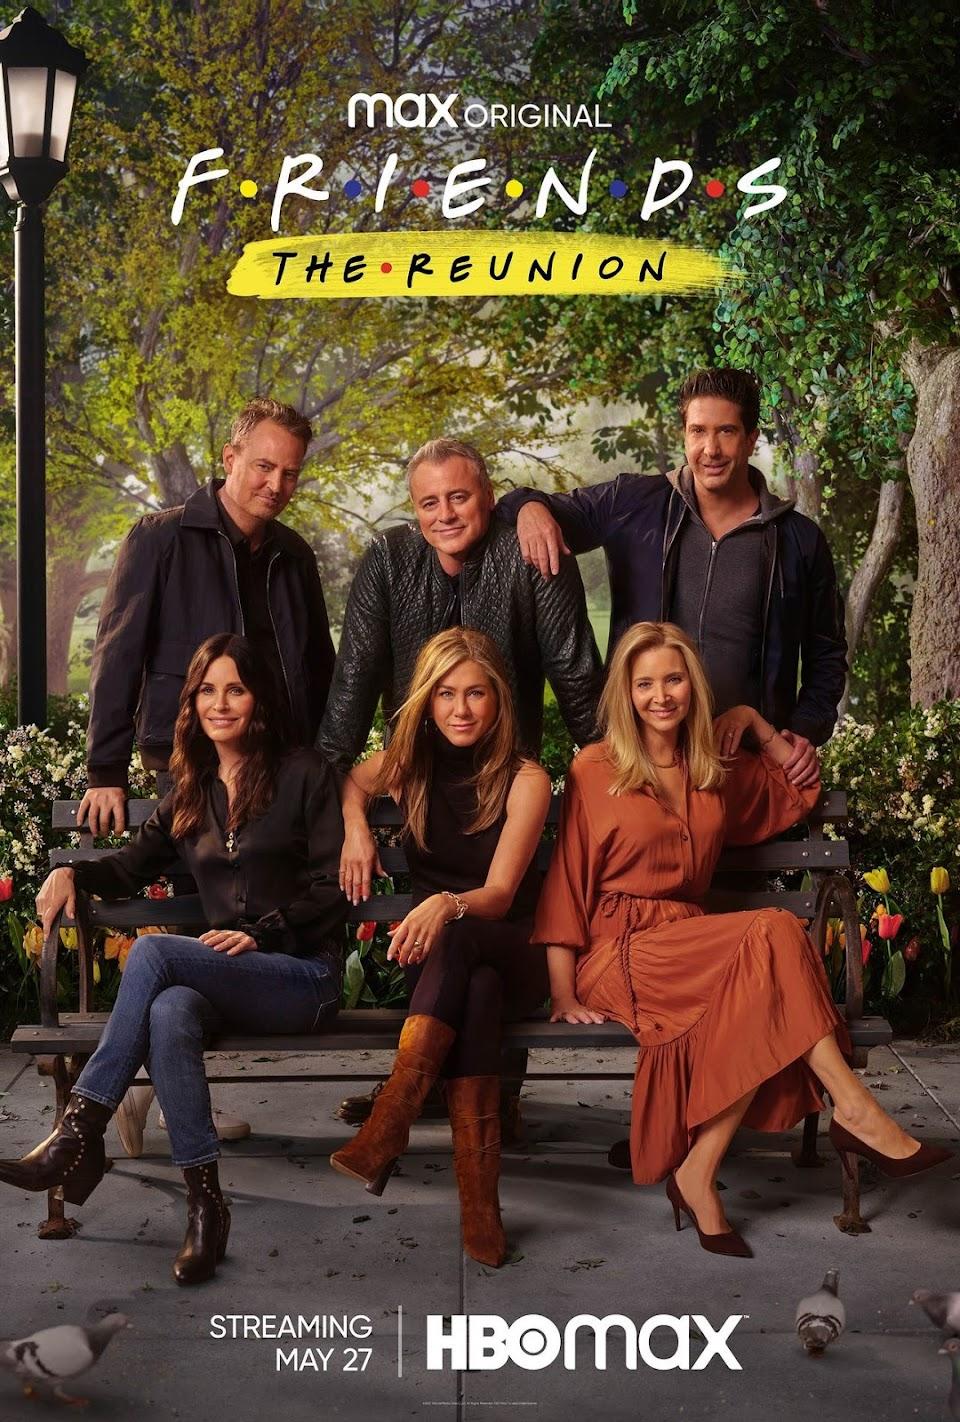 1622121026-friends-reunion-key-art-final-vertical-pr-1-3-1622121006